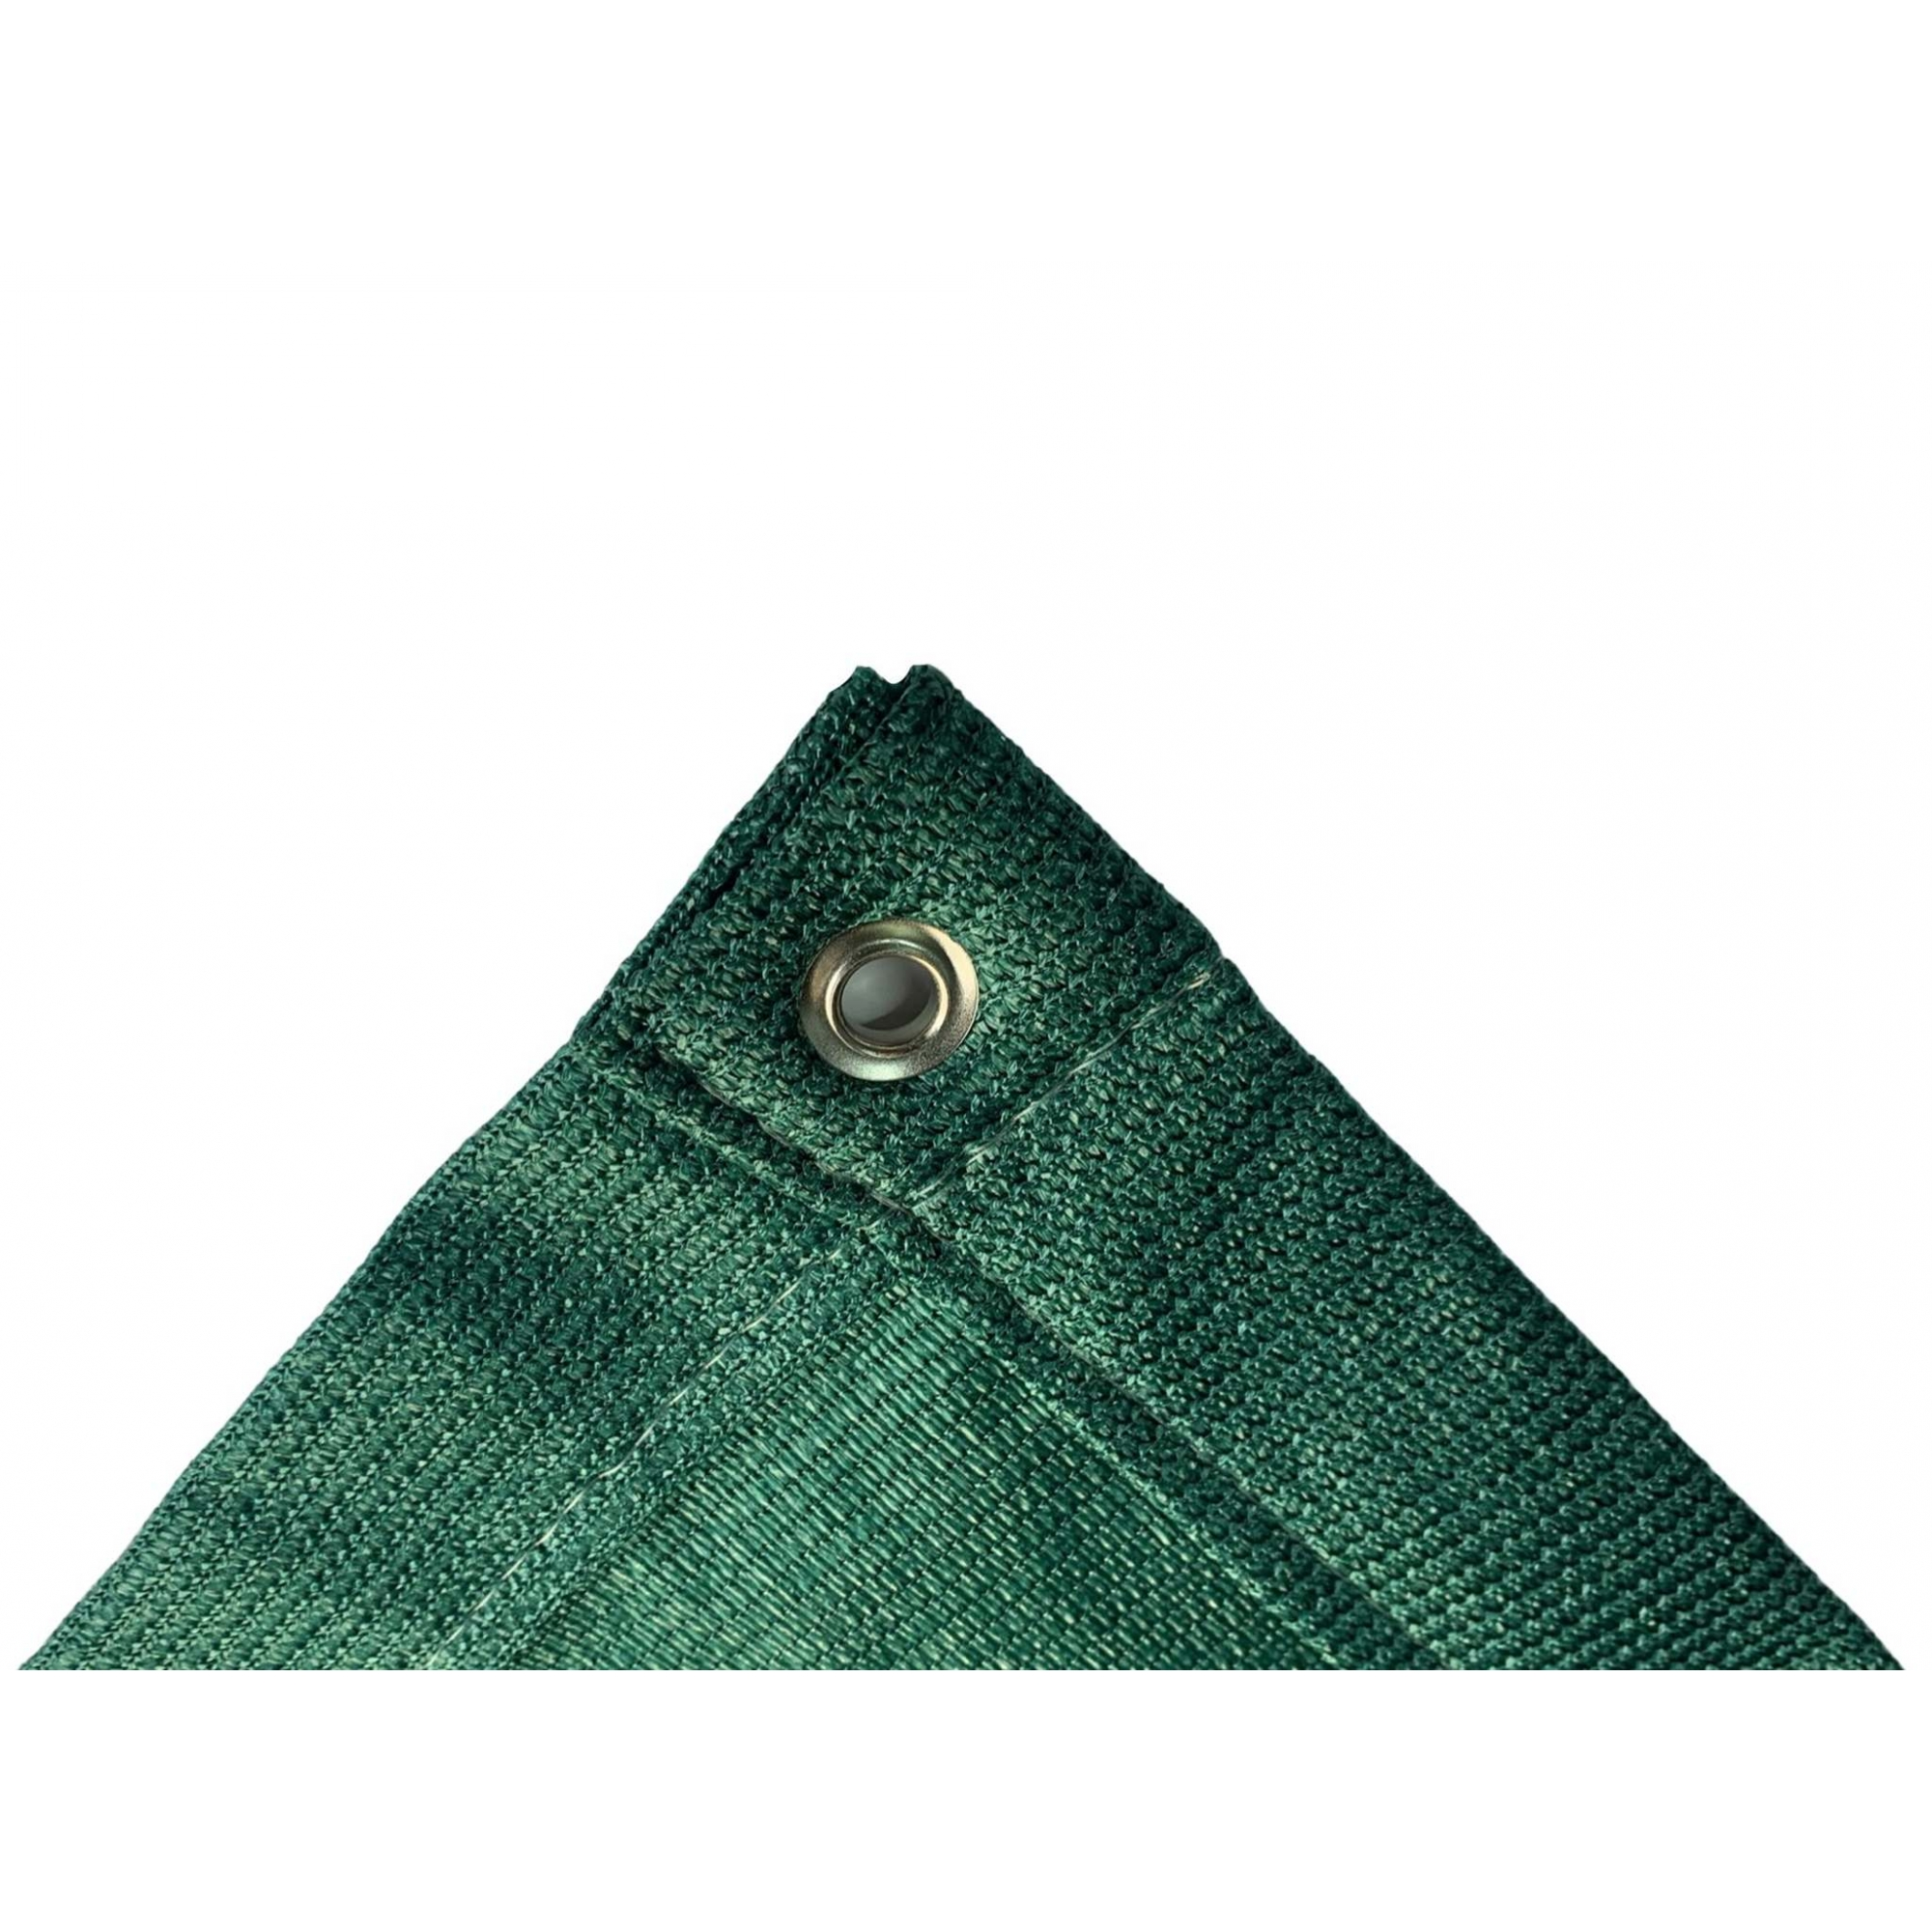 Tela de Sombreamento 90% Verde com Bainha e Ilhós - Largura: 1,8 Metros